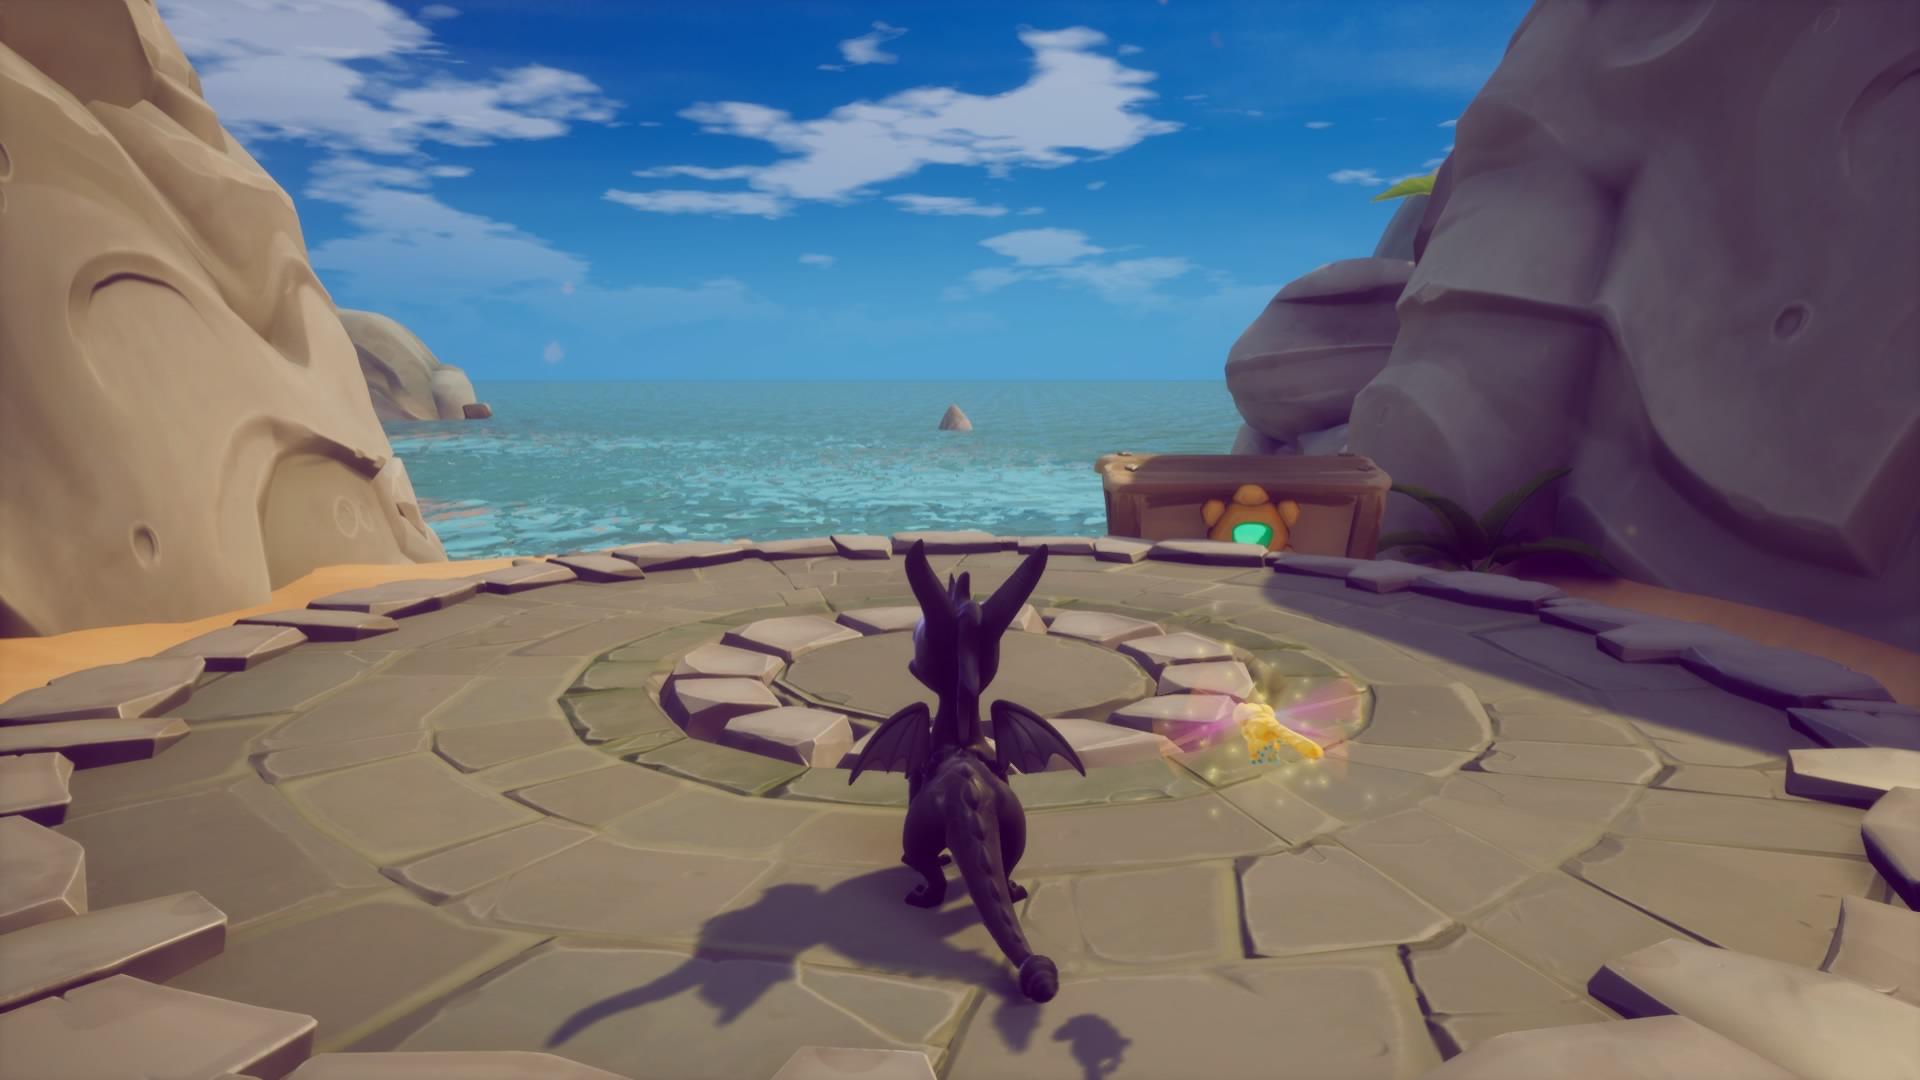 """Spyro en Playa Soleada - Juego: """"Spyro 2: En busca de los talismanes"""" de Reignited Trilogy"""